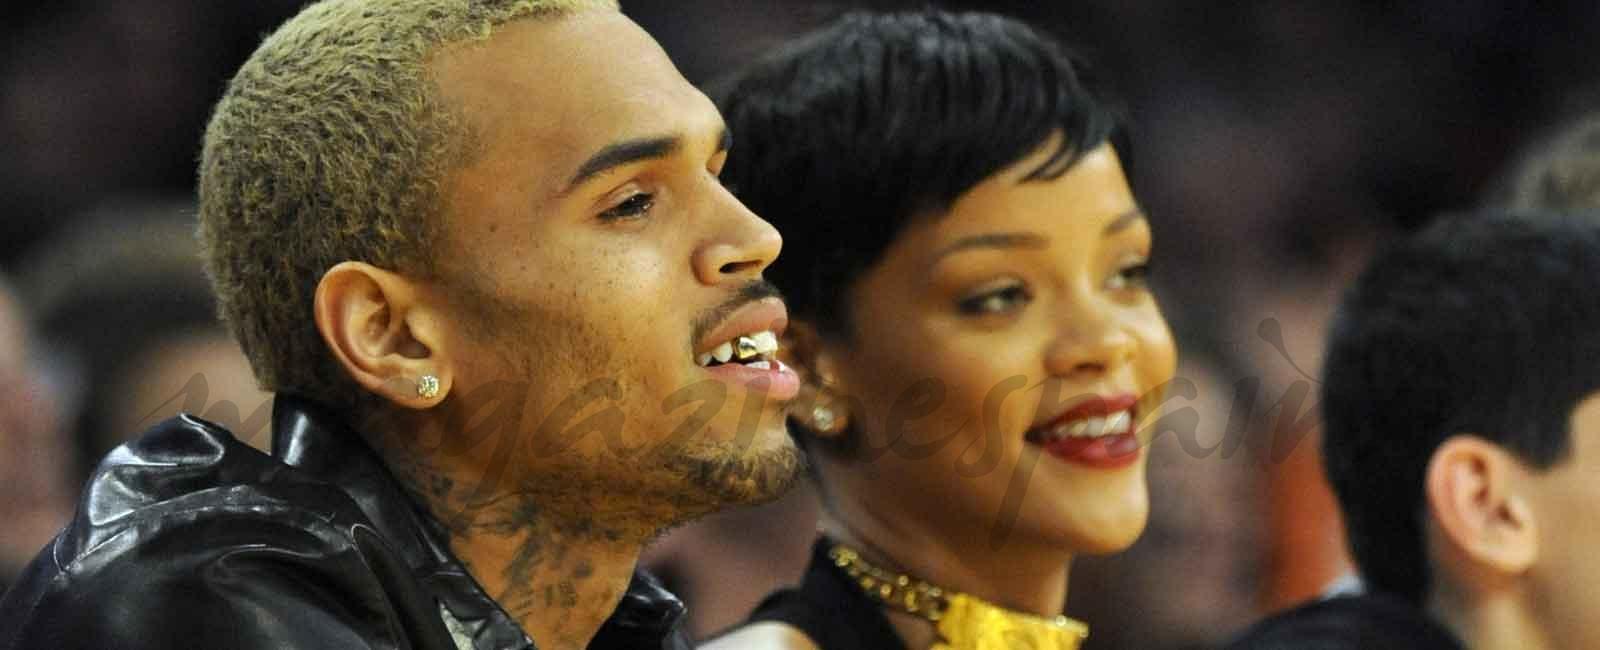 Chris Brown confiesa cómo fue su agresión a Rihanna